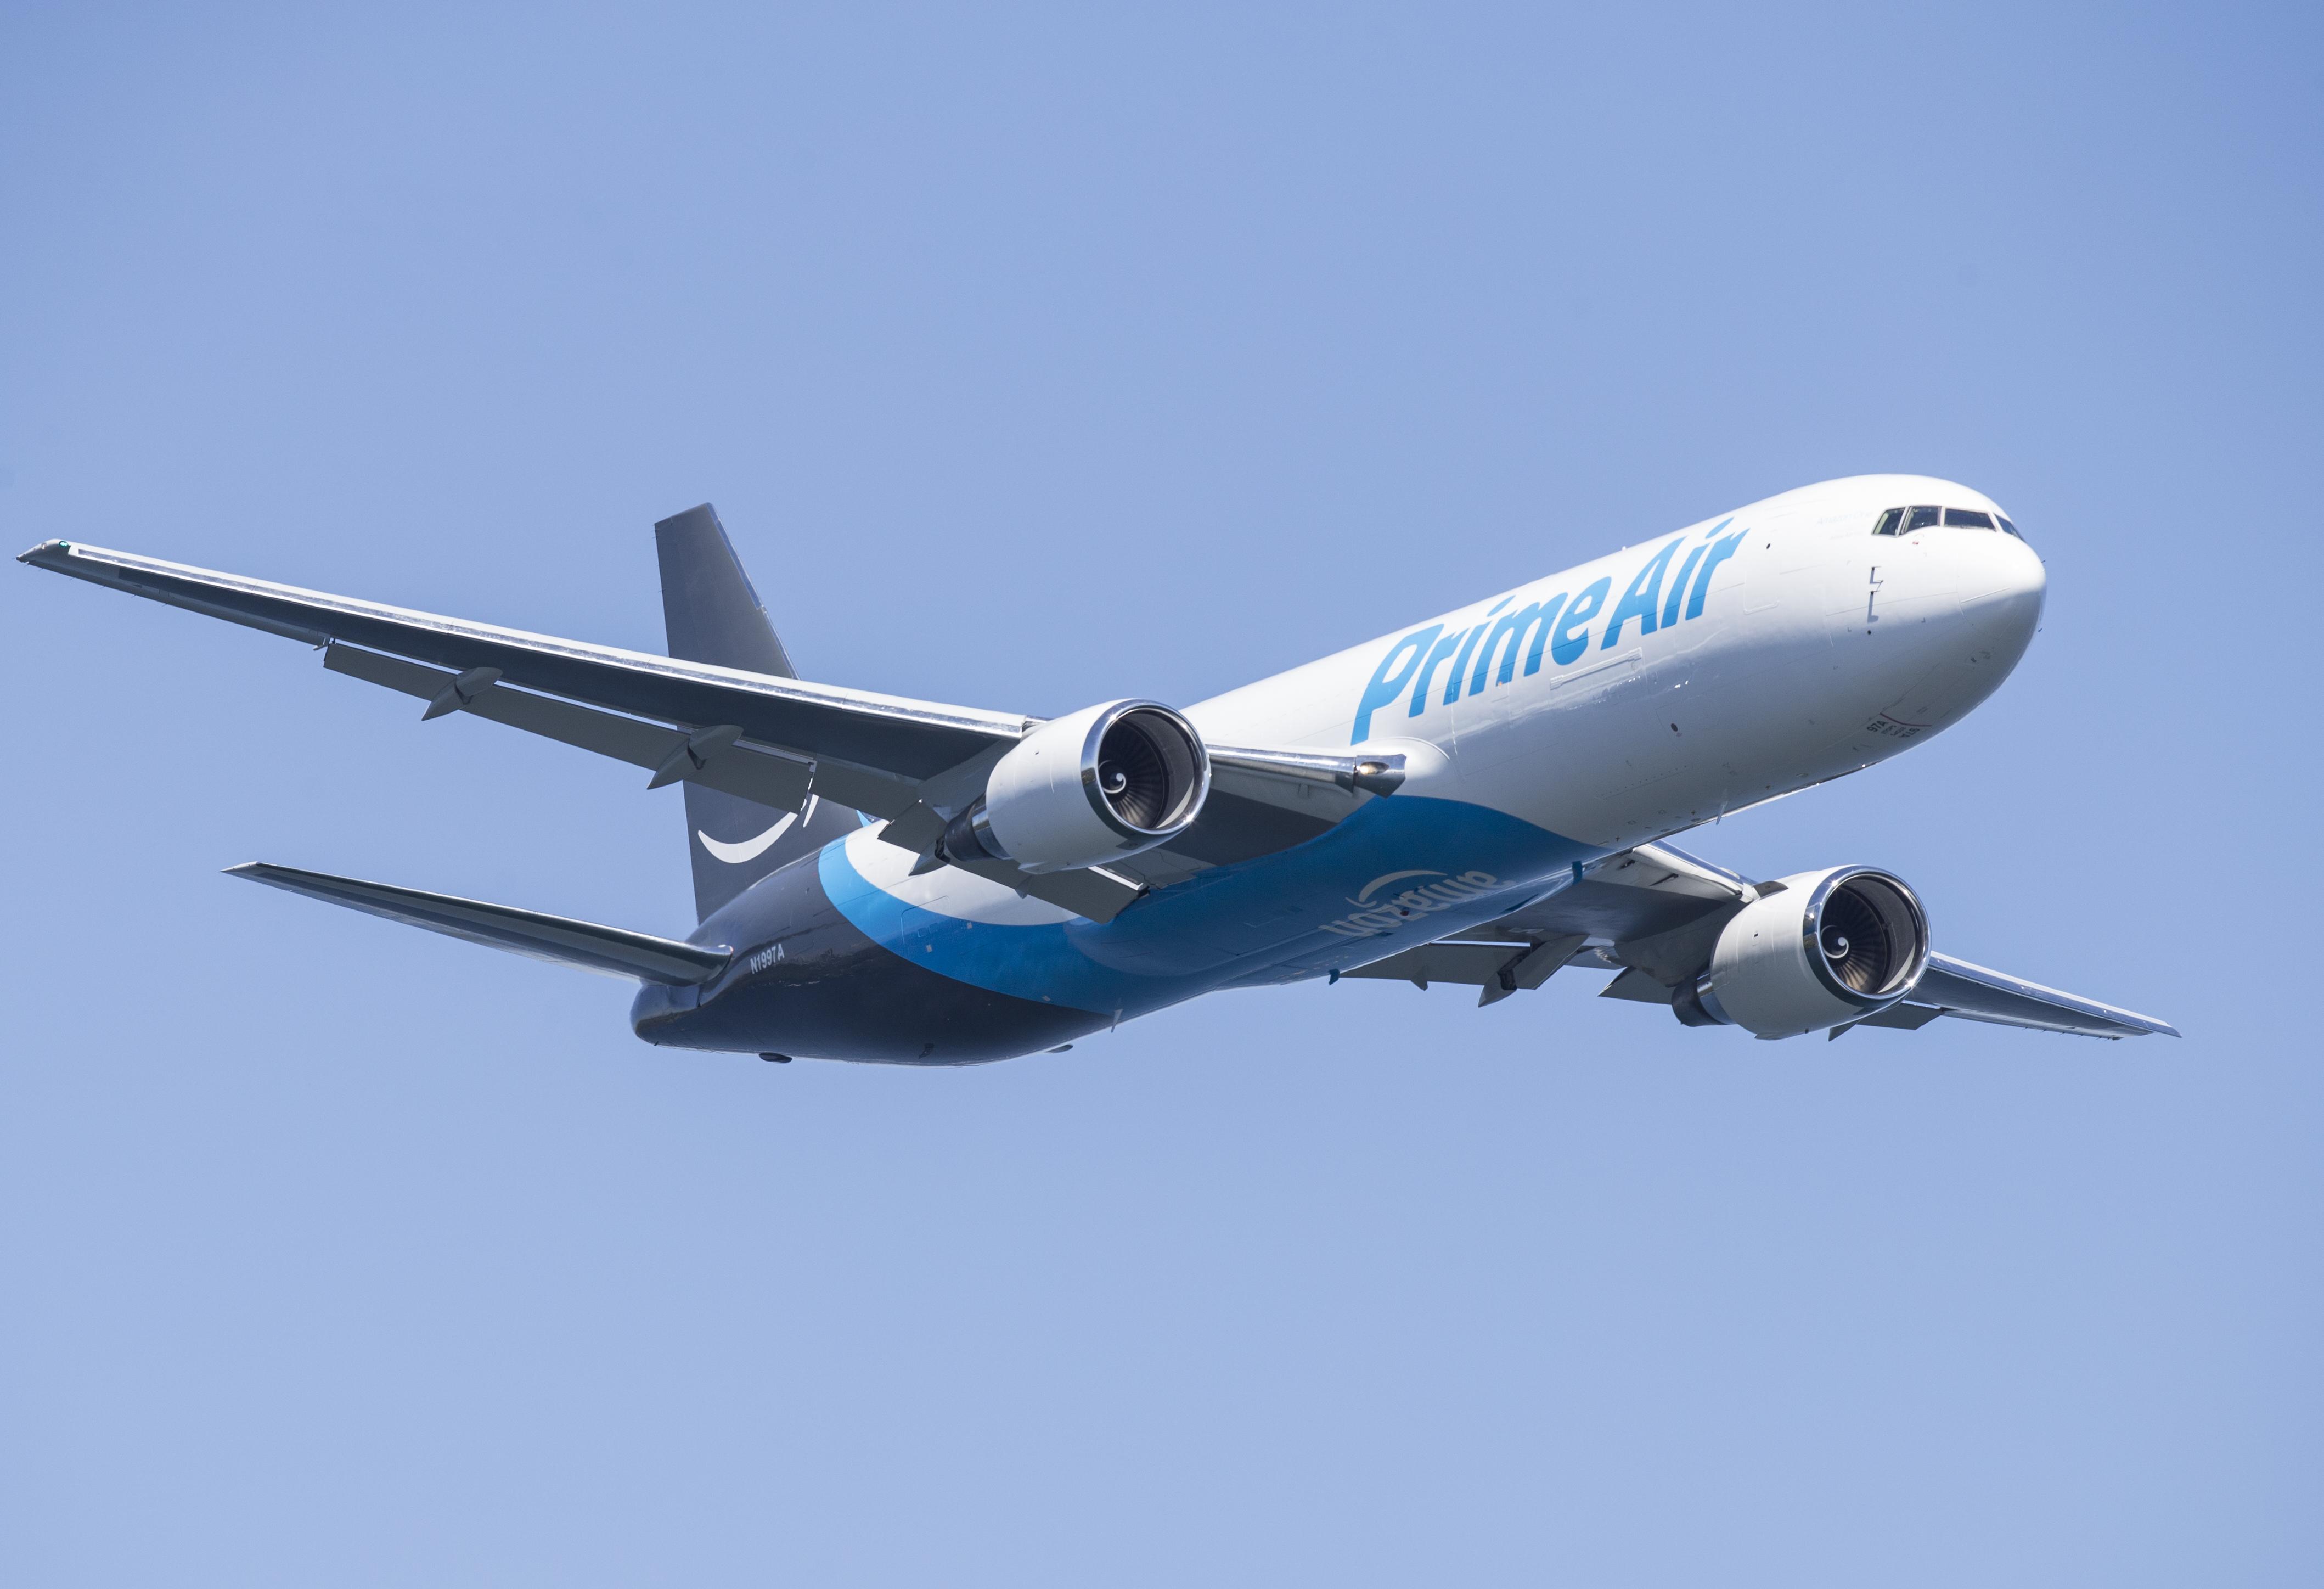 Amazon's $1 5 Billion Kentucky Air Cargo Hub Will Create 2,000 Jobs